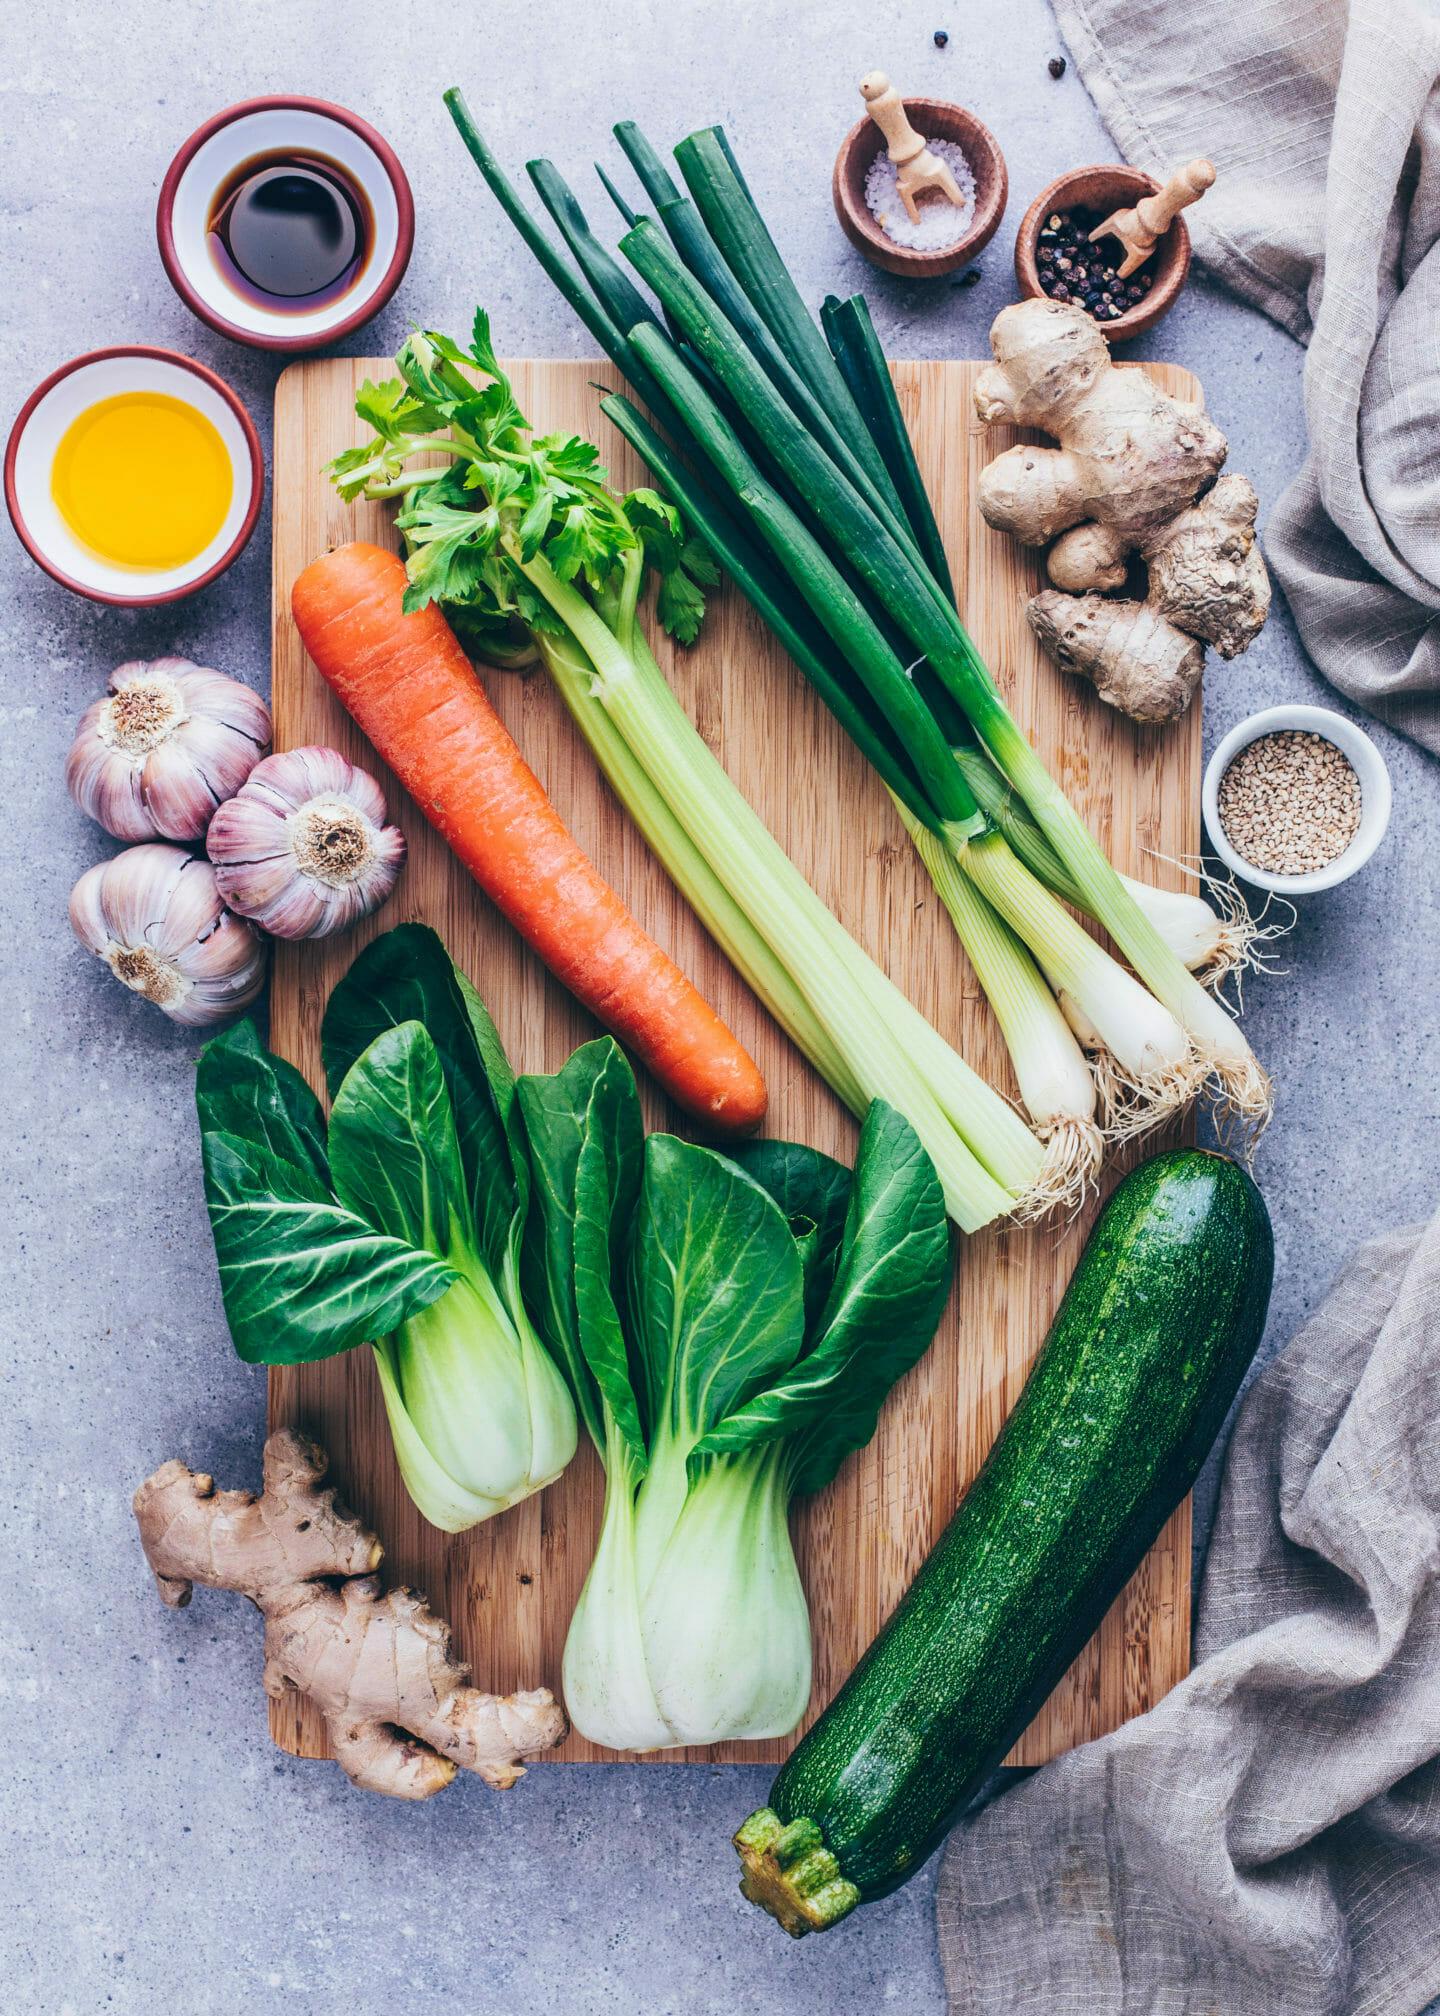 Zutaten für Asiatische Gemüsesuppe mit Knoblauch, Ingwer, Karotten, Lauchzwiebeln , Bok Choy, Zucchini, Sesam und Sojasauce